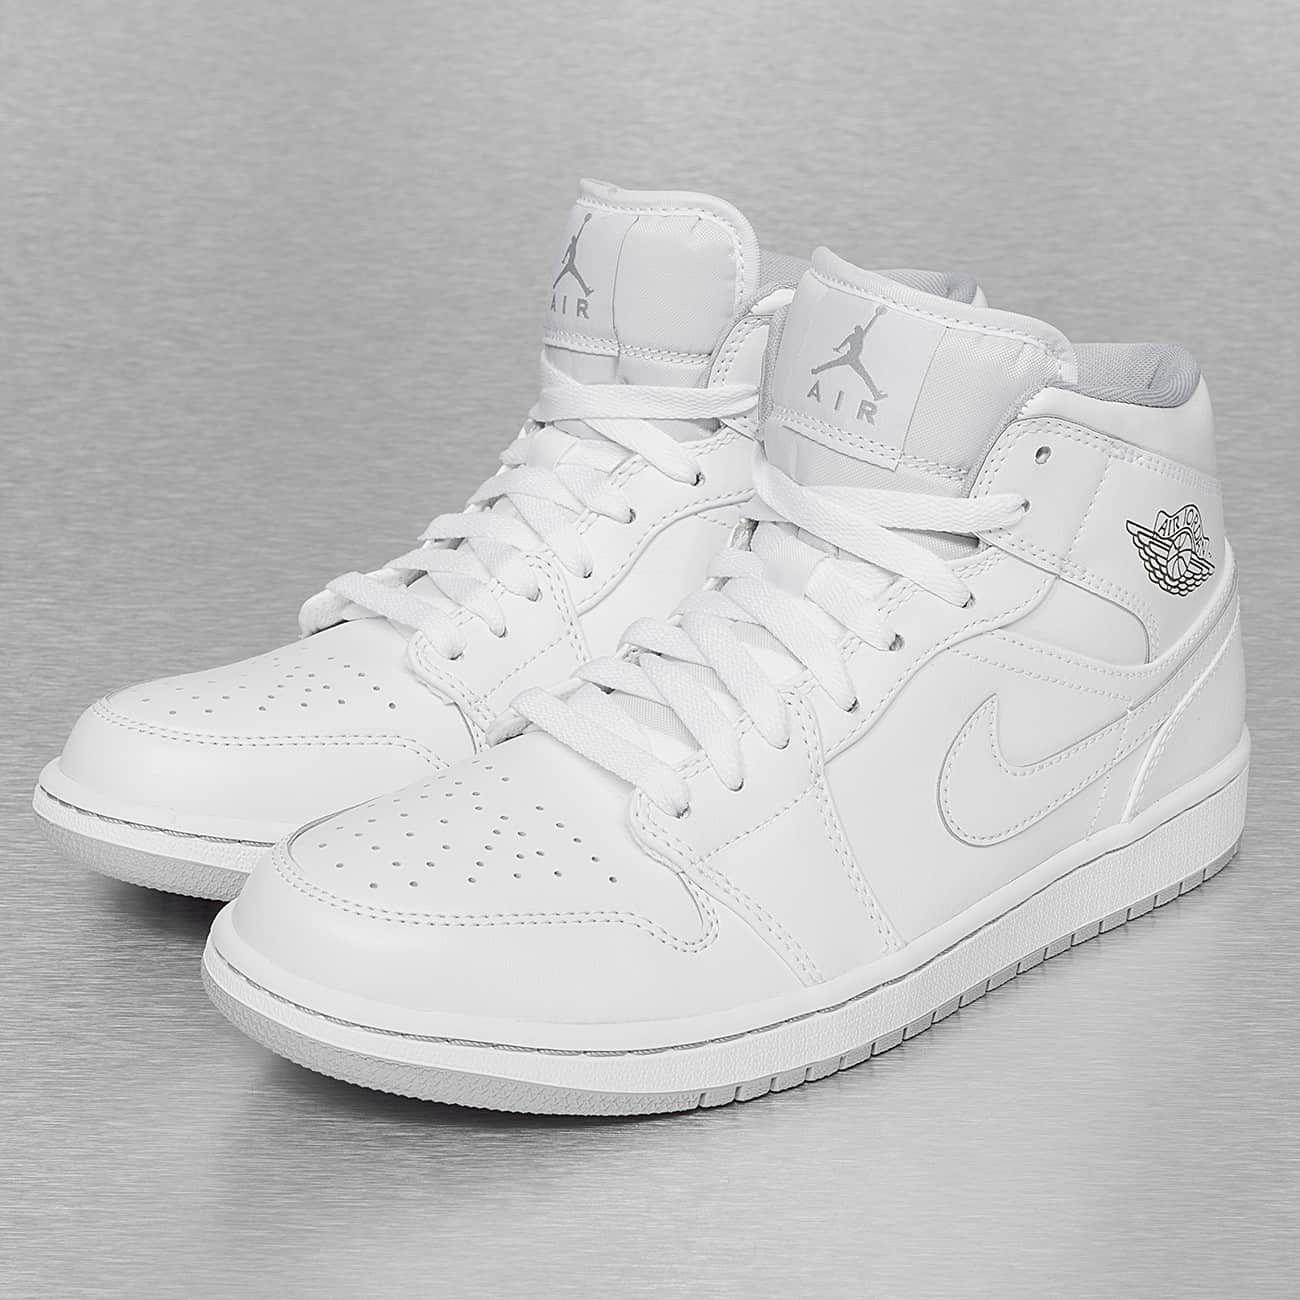 Nike Air Jordan 1 Mi Femmes Blanches